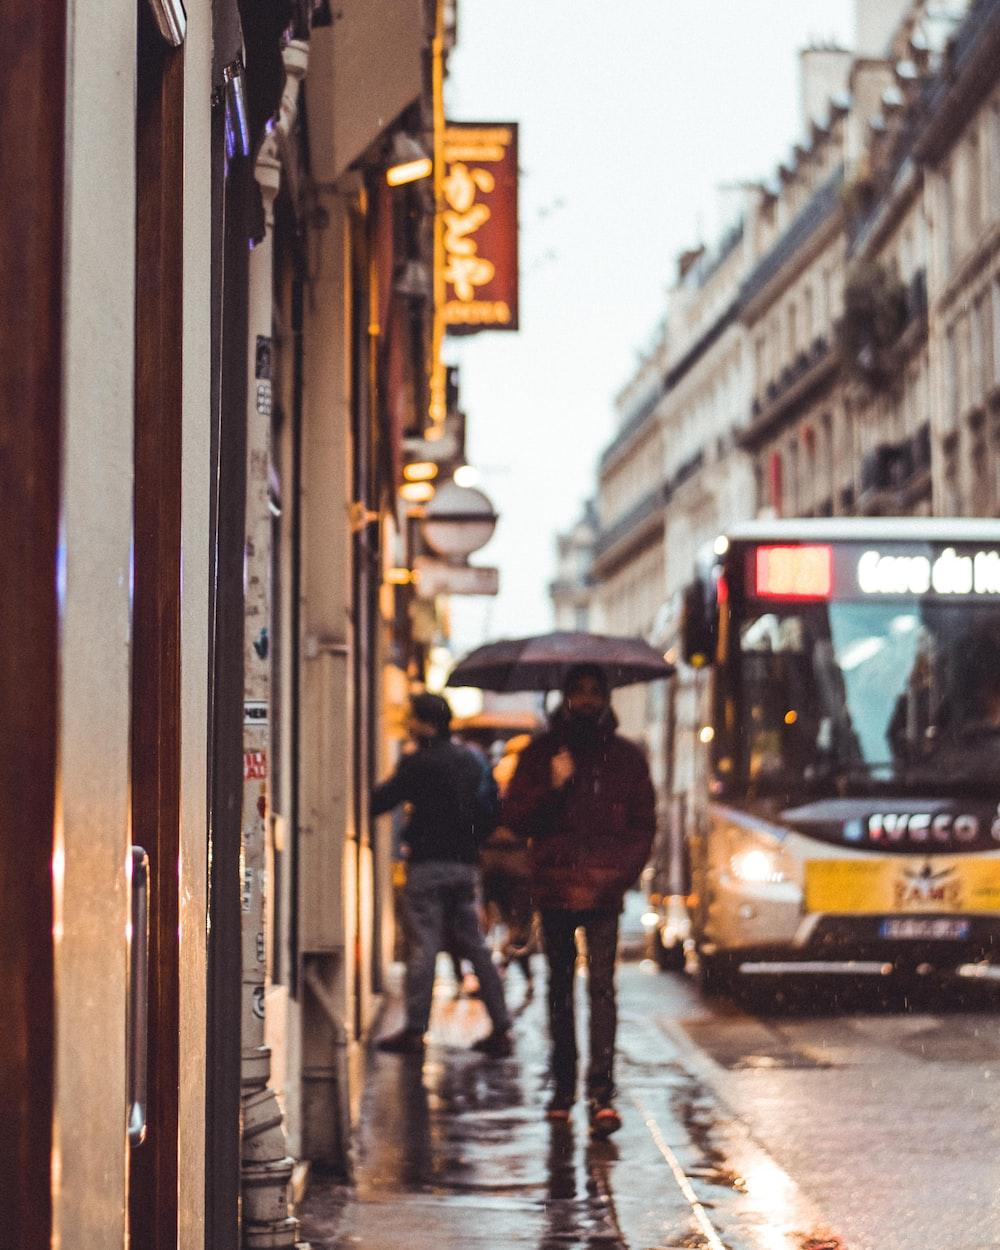 person walking holding umbrella during daytime